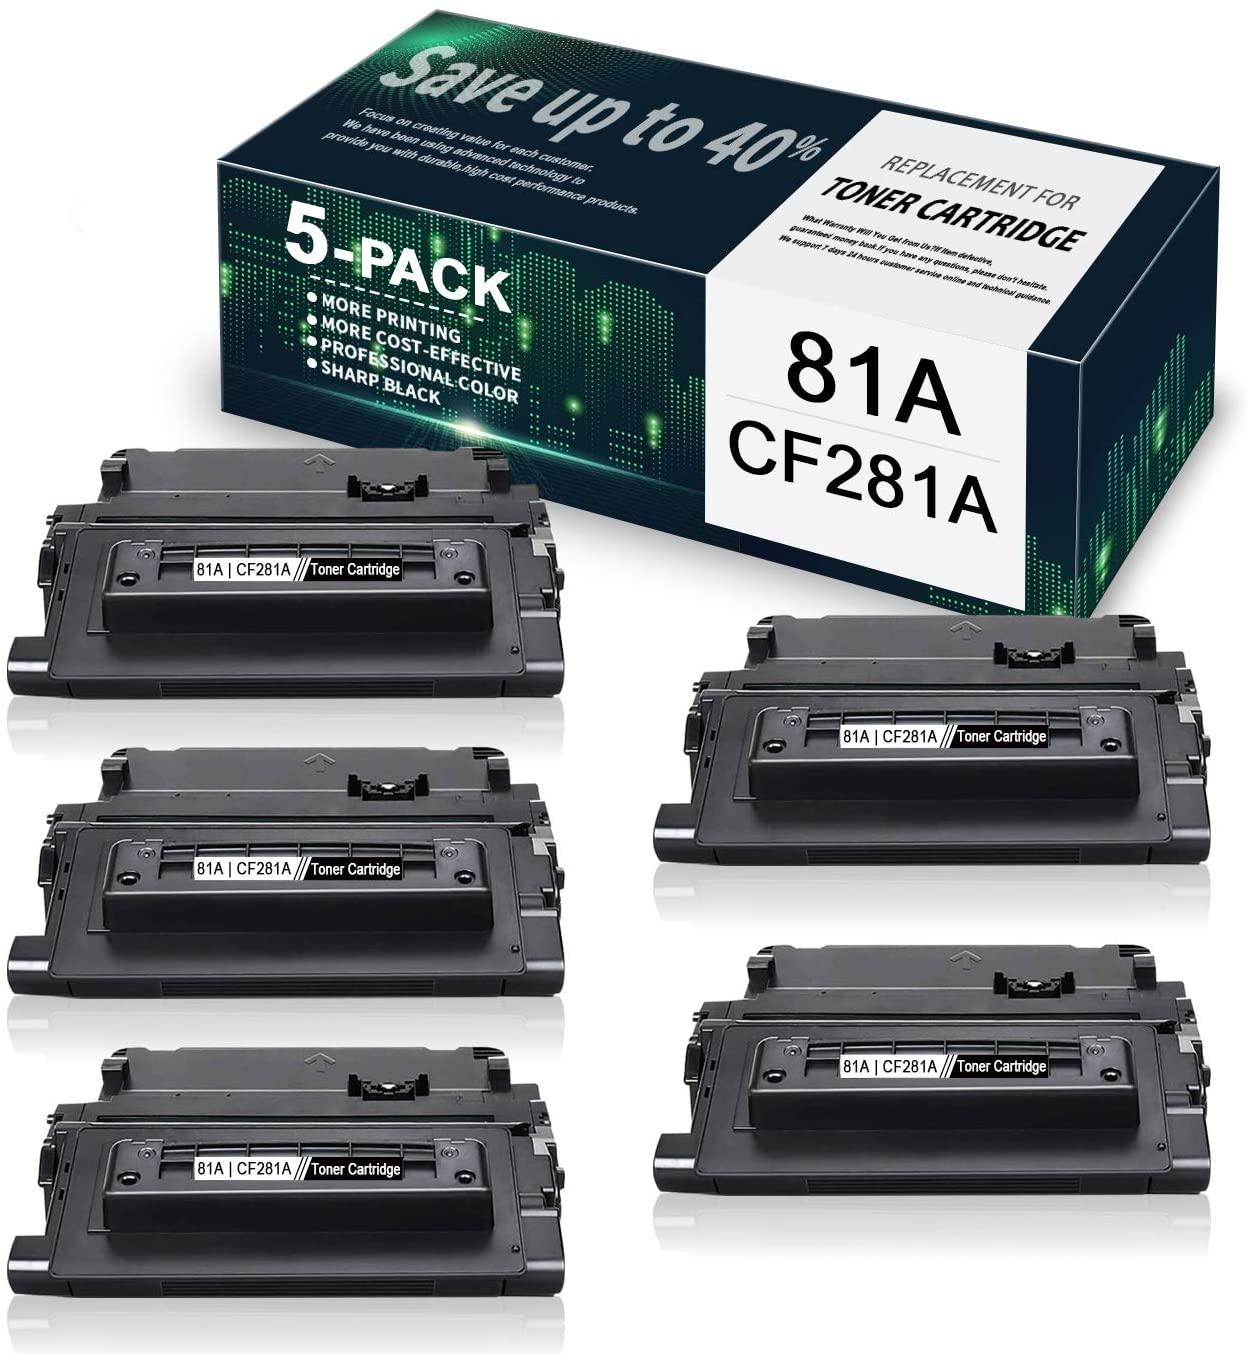 5-Pack Black 81A | CF281A Compatible Toner Cartridge Replacement for HP Laserjet Enterprise M604dn M605dn M604n M605n M606dn M630h M606x MFP M630f M606 M604 M605 M630 M630 Printer, Toner Cartridge.